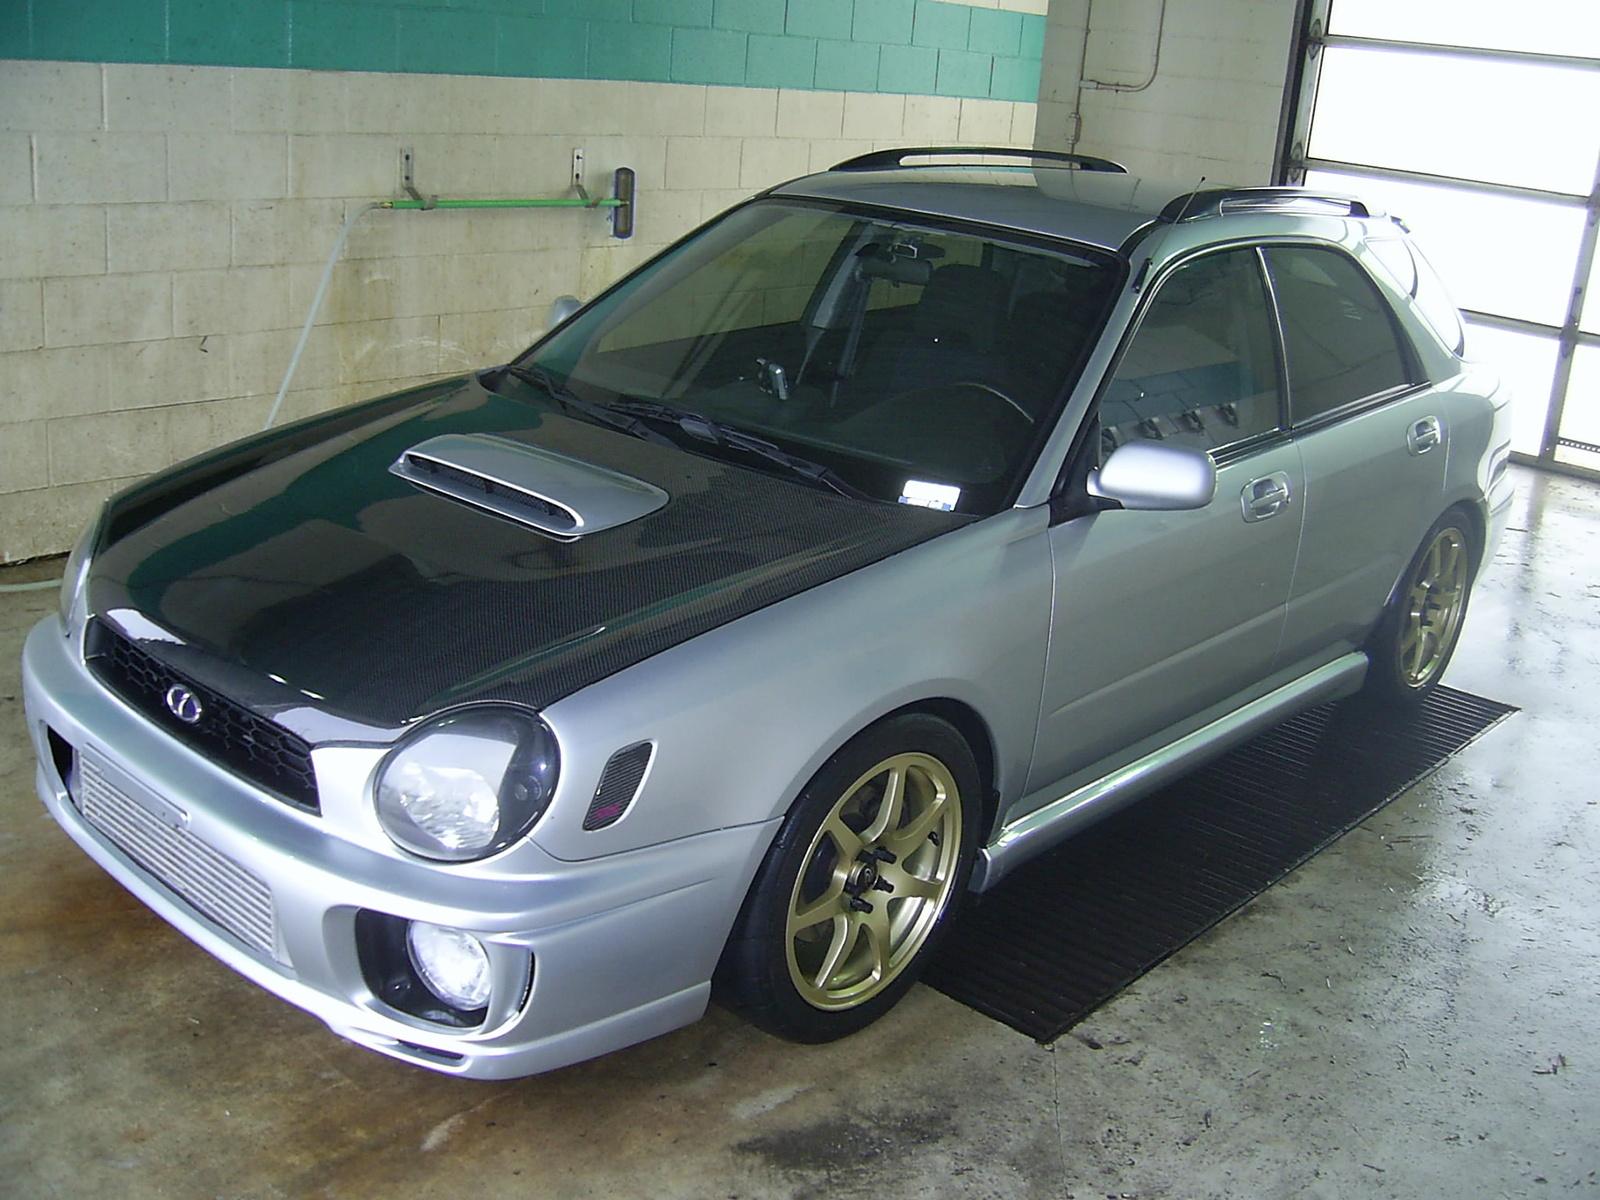 2003 Platinum Silver Metallic Subaru Impreza WRX Wagon ... |2003 Impreza Wrx Wagon Stanced